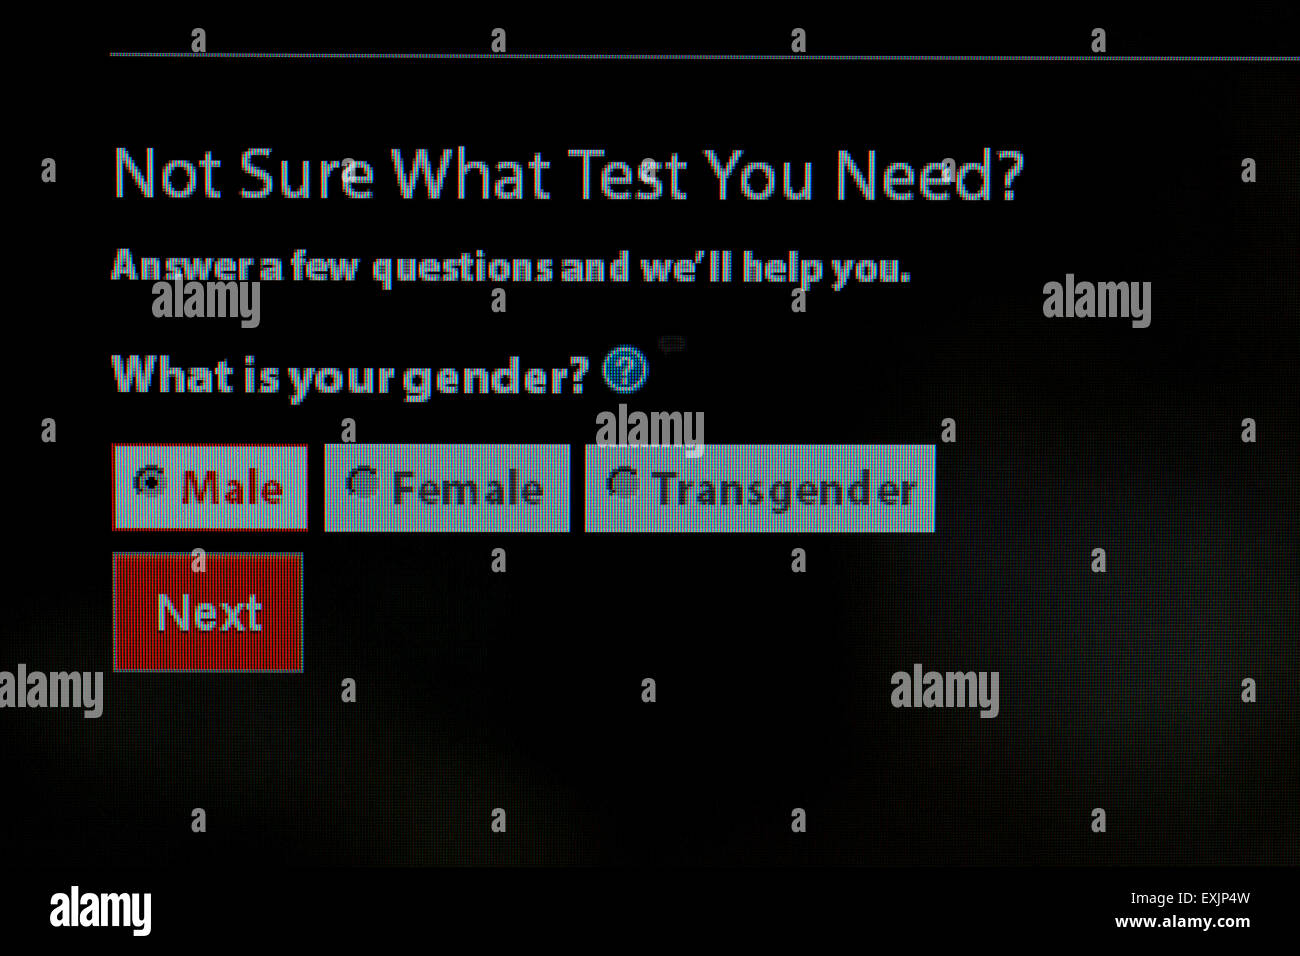 Selección de género de hombres, mujeres, y personas transgénero, en pruebas de ETS/VIH información Imagen De Stock